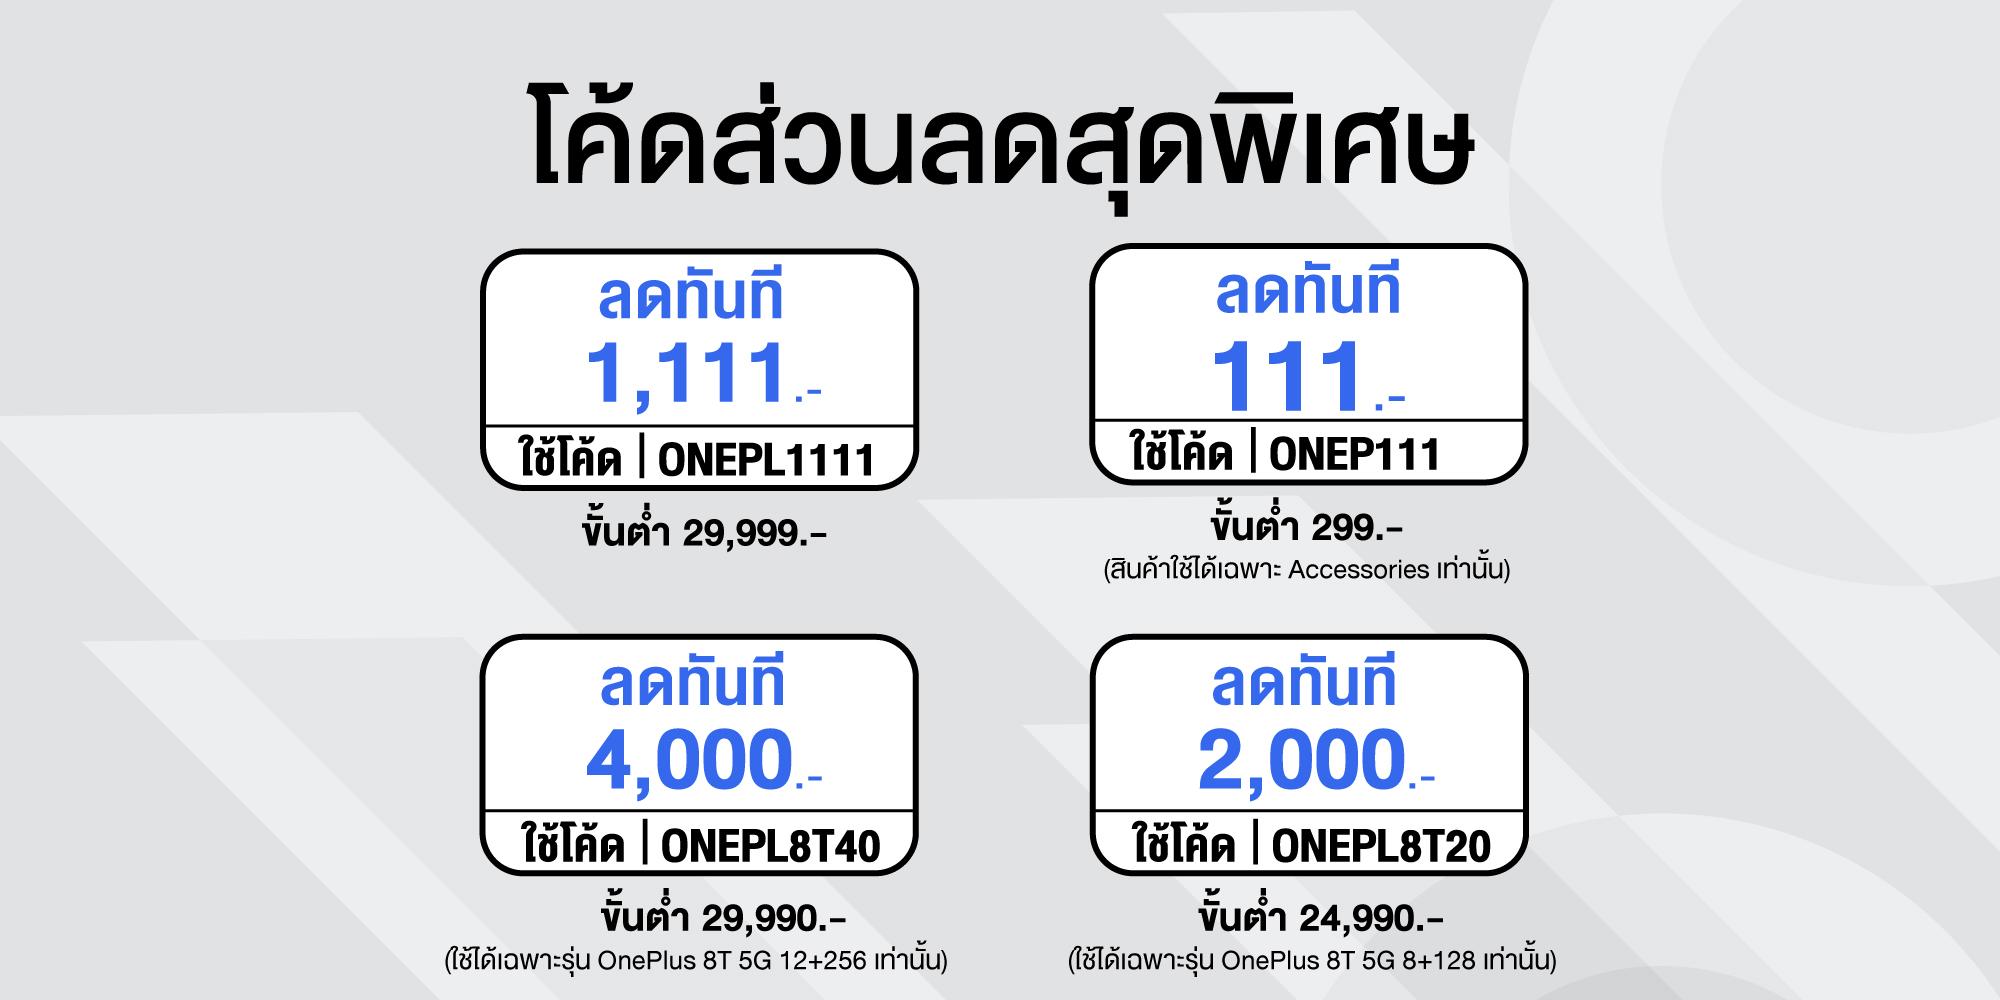 11.11-Super-Crazy-Deals-Code-01-Shopee